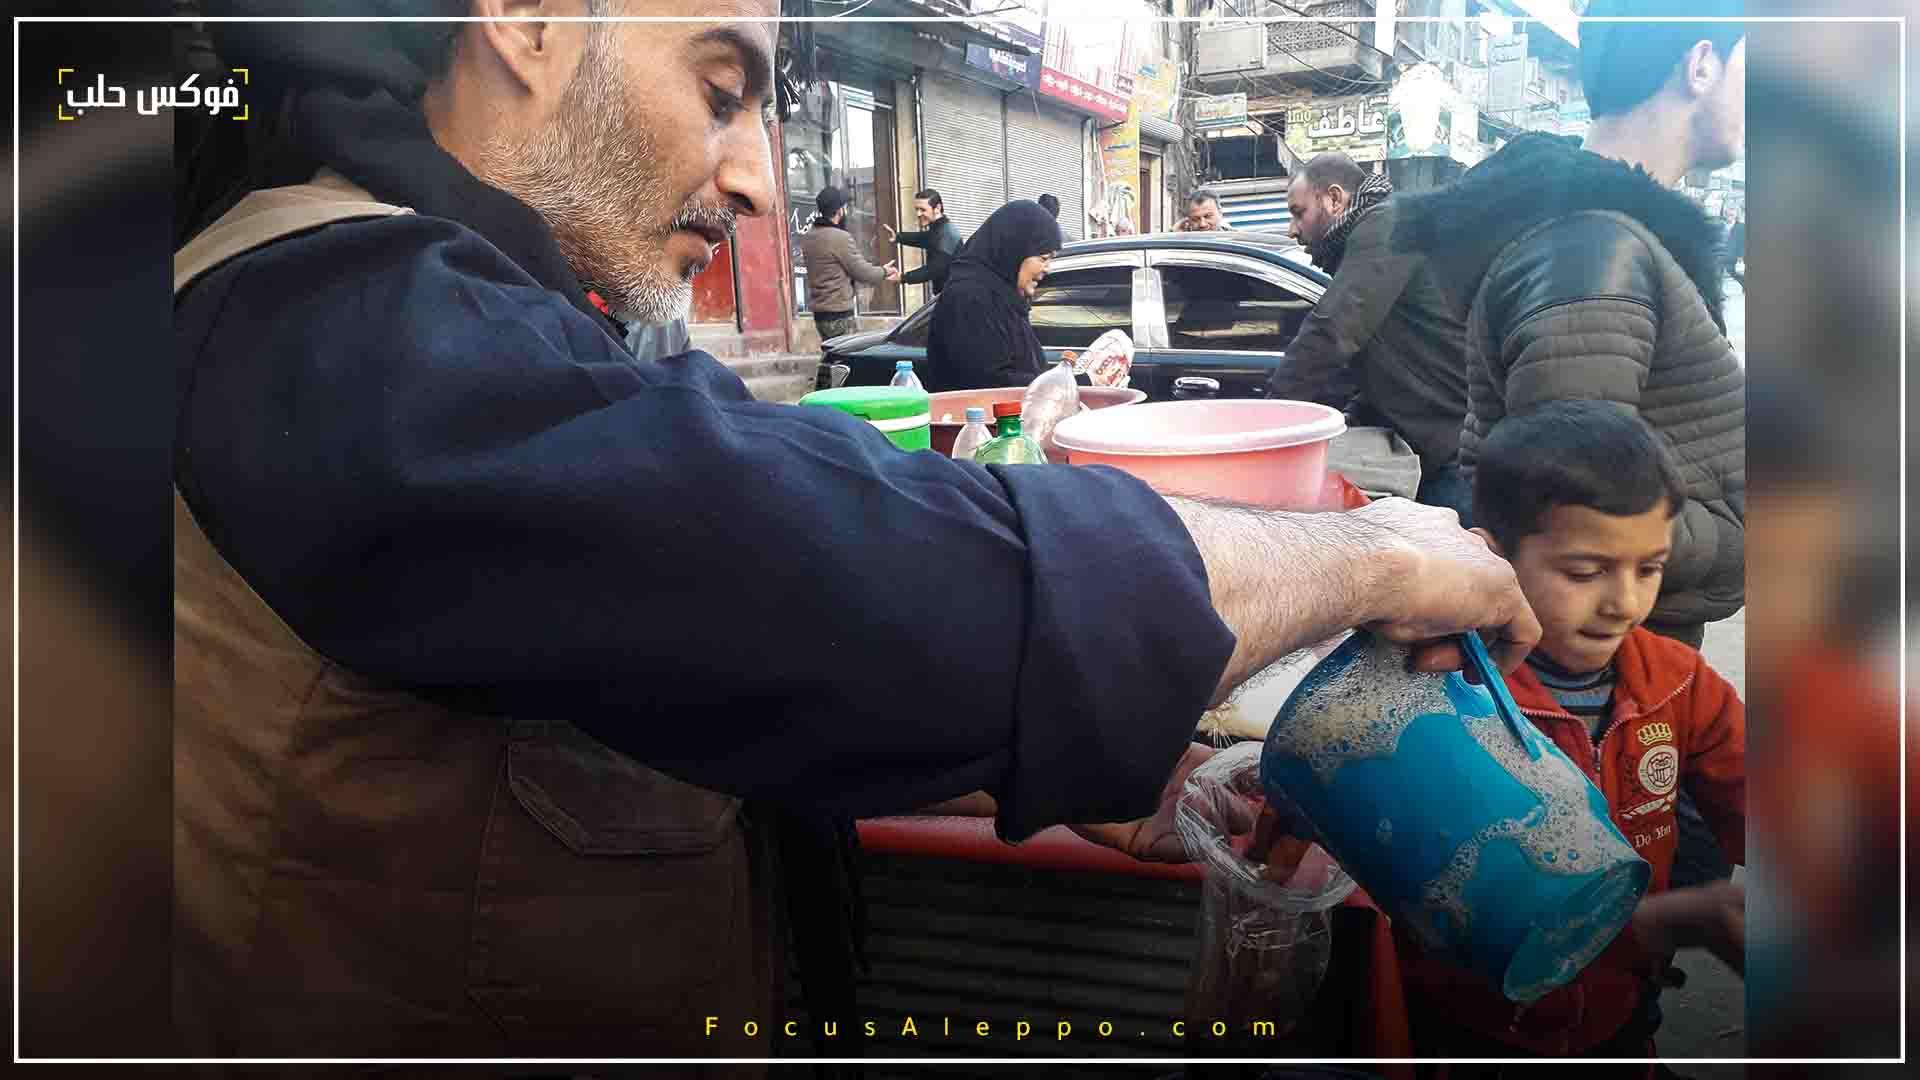 أبو أحمد أحد باعة المشروبات الرمضانية الباردة في سلقين